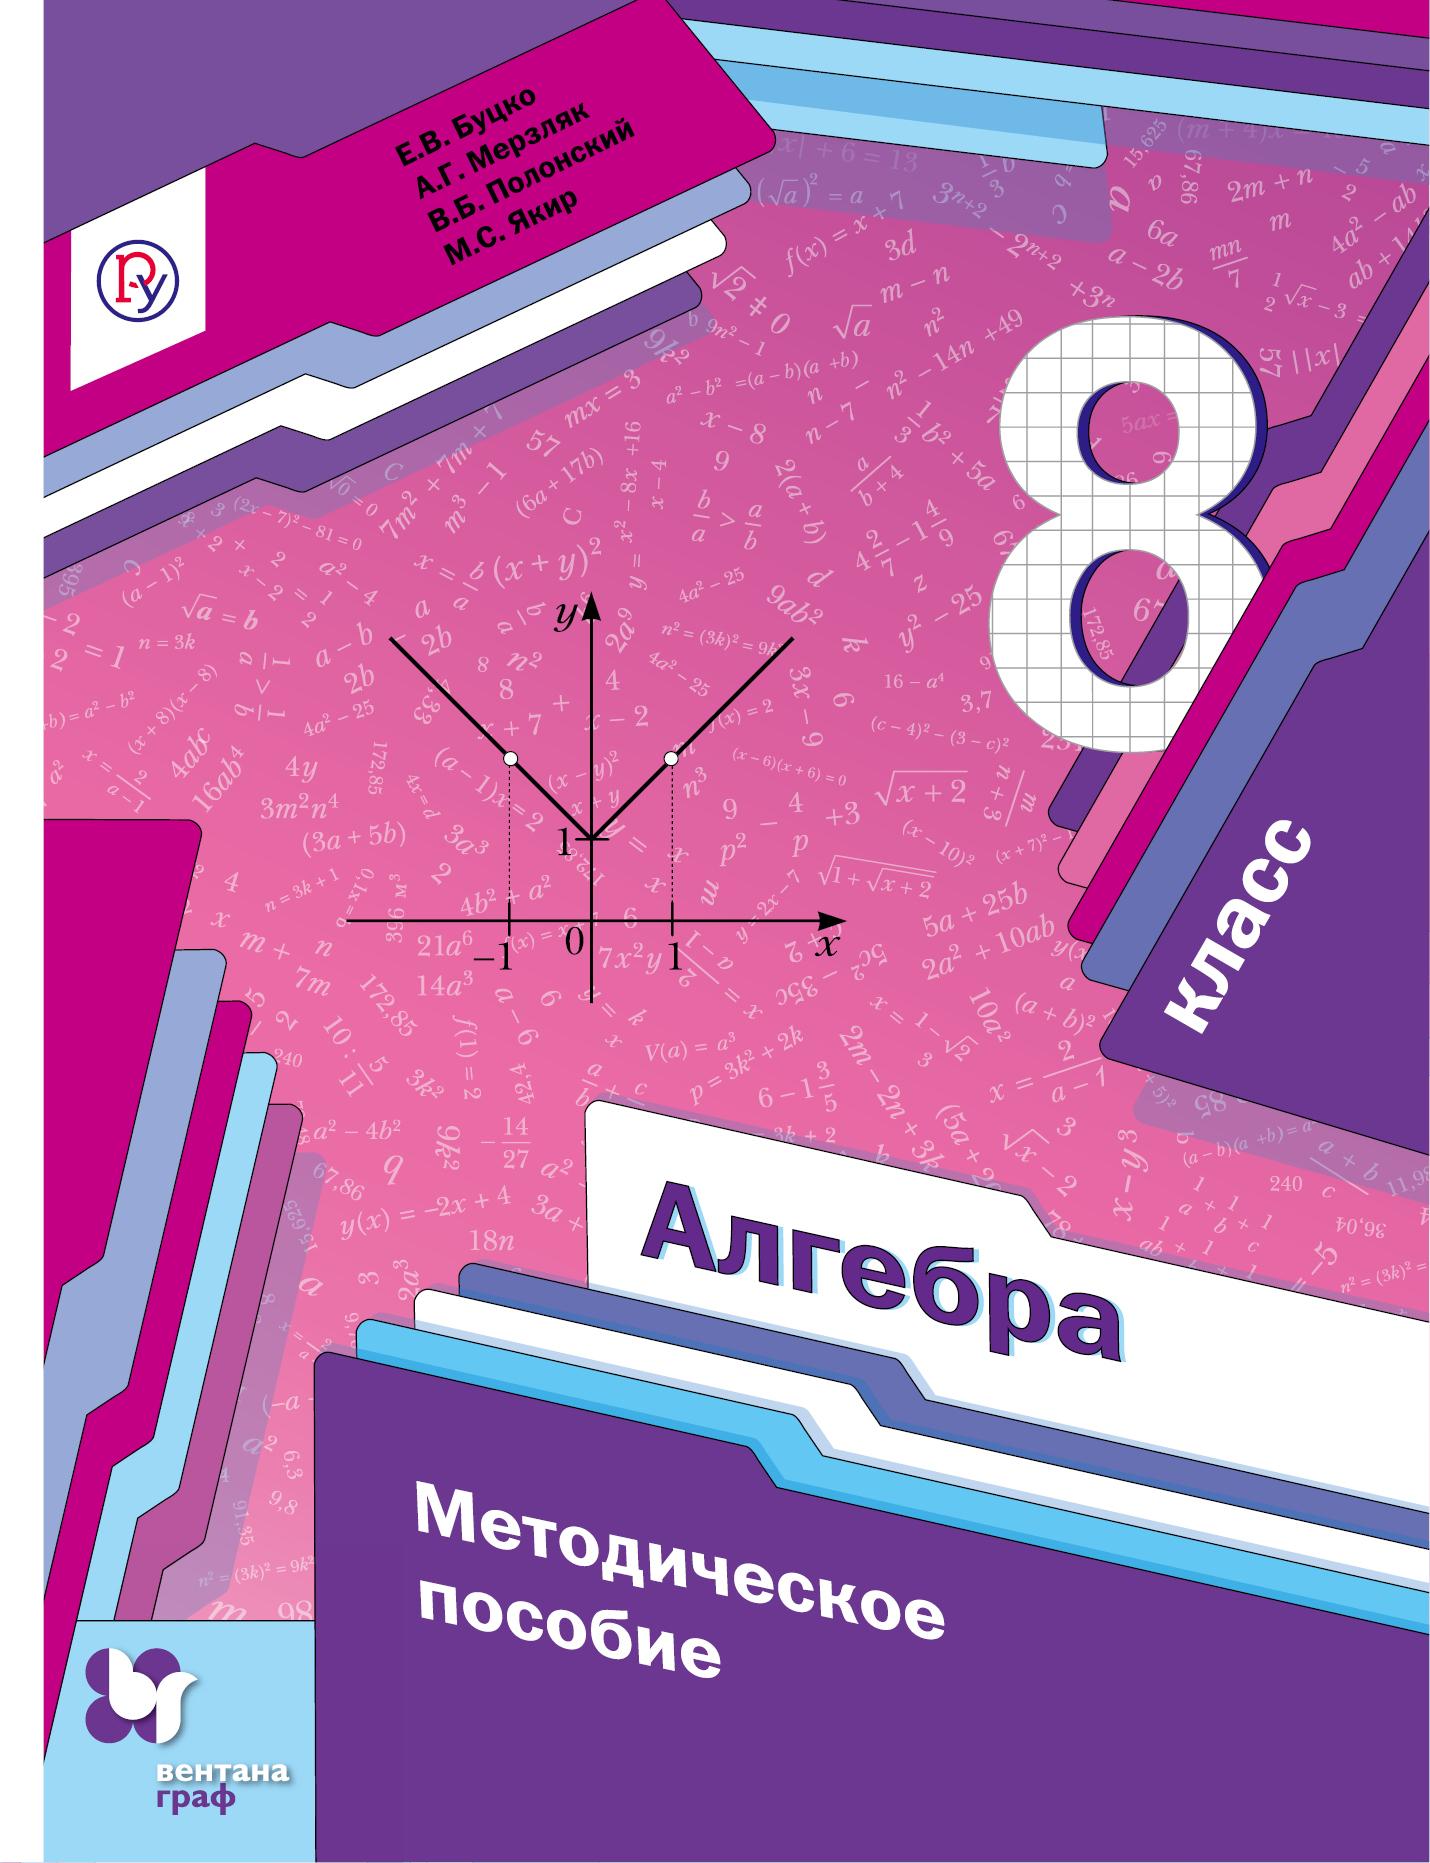 Алгебра. 8класс. Методическое пособие. от book24.ru